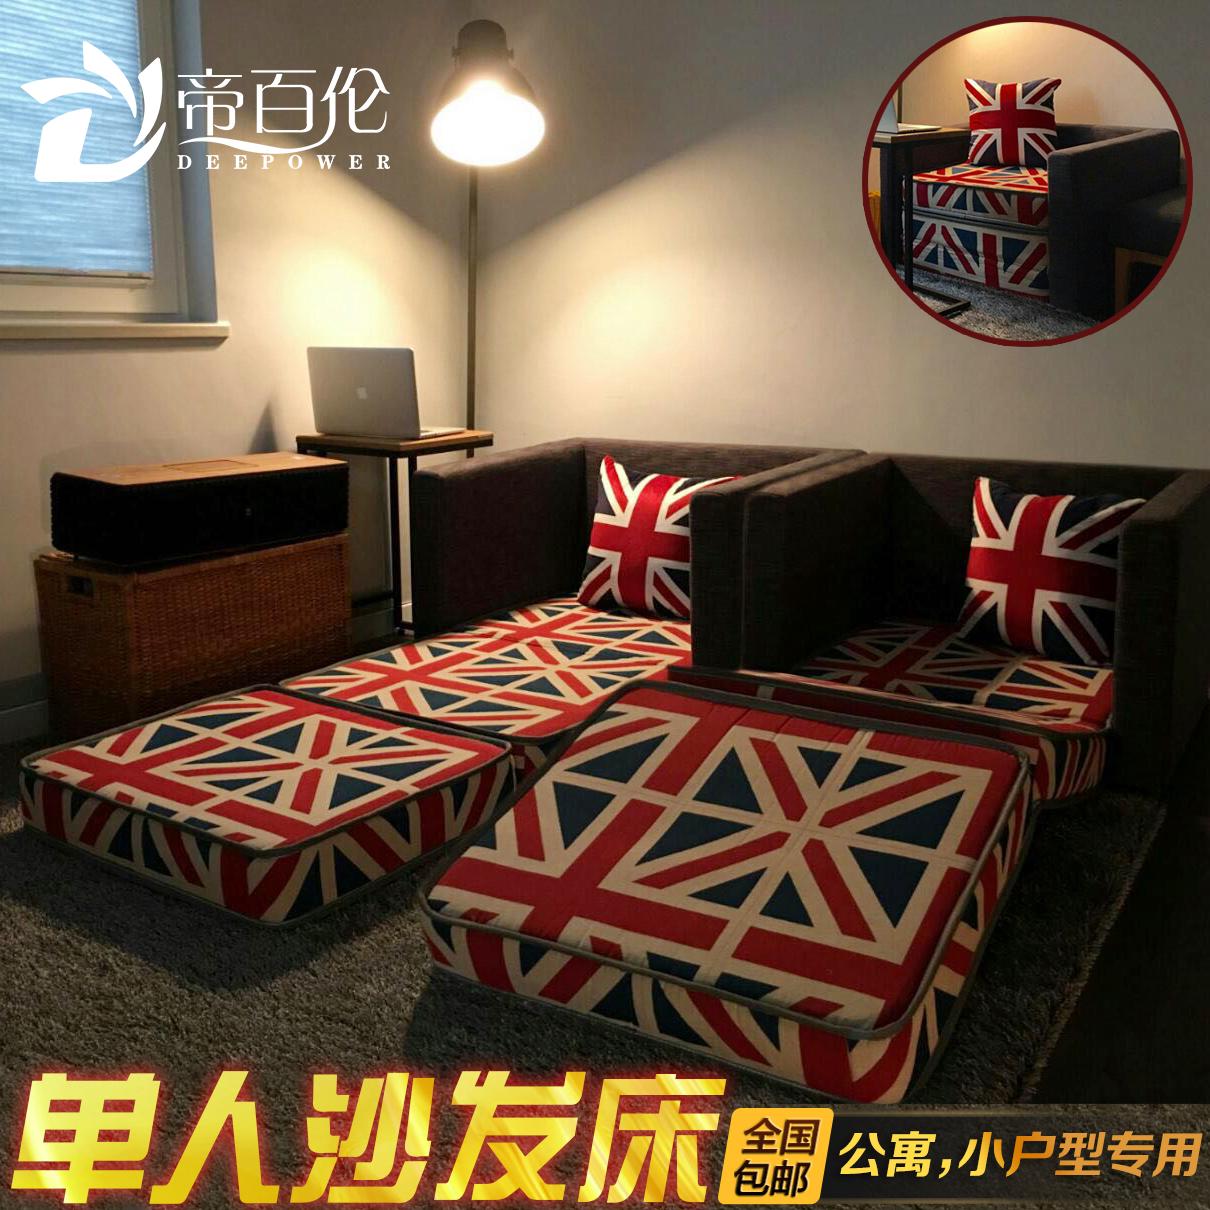 Ο αυτοκράτορας 伦可 αναδίπλωσης% απλό στυλ του μικρού μεγέθους της Αγγλίας το διαμέρισμα ο καναπές κρεβάτι, μπαρ, καφέ.